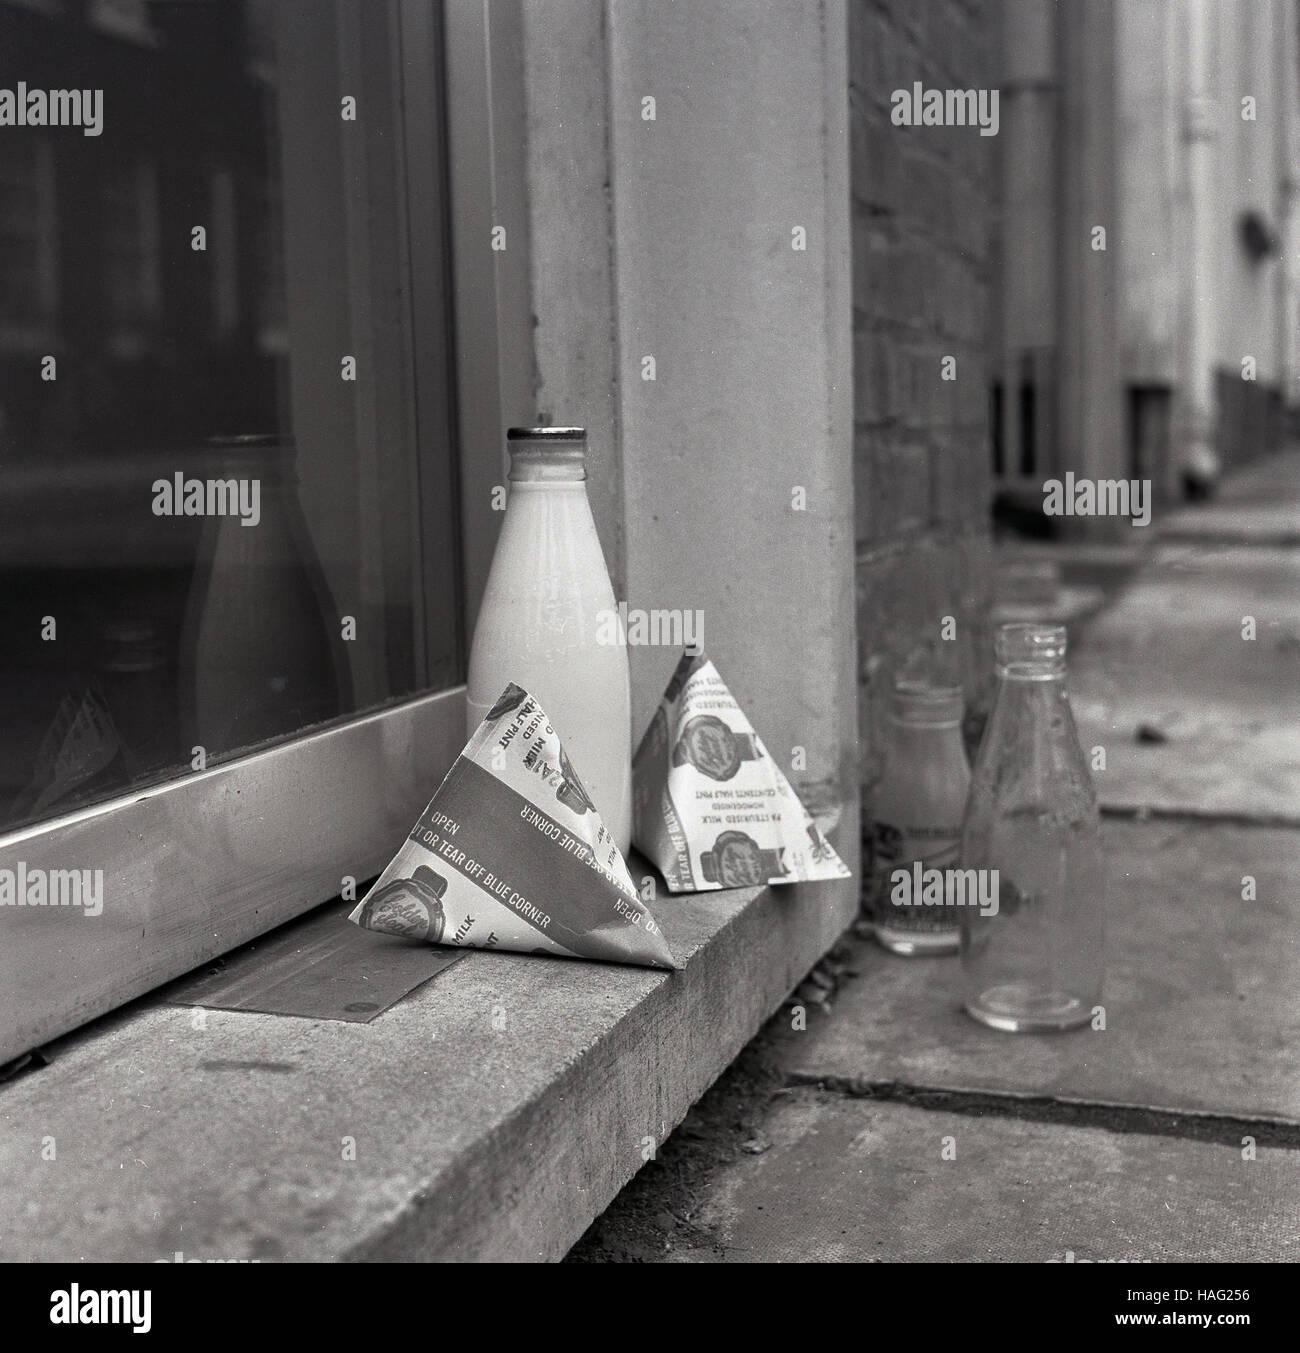 1965, histórico, una pinta de tamaño de botella de leche de vidrio y dos cartones de leche sentarse en Imagen De Stock